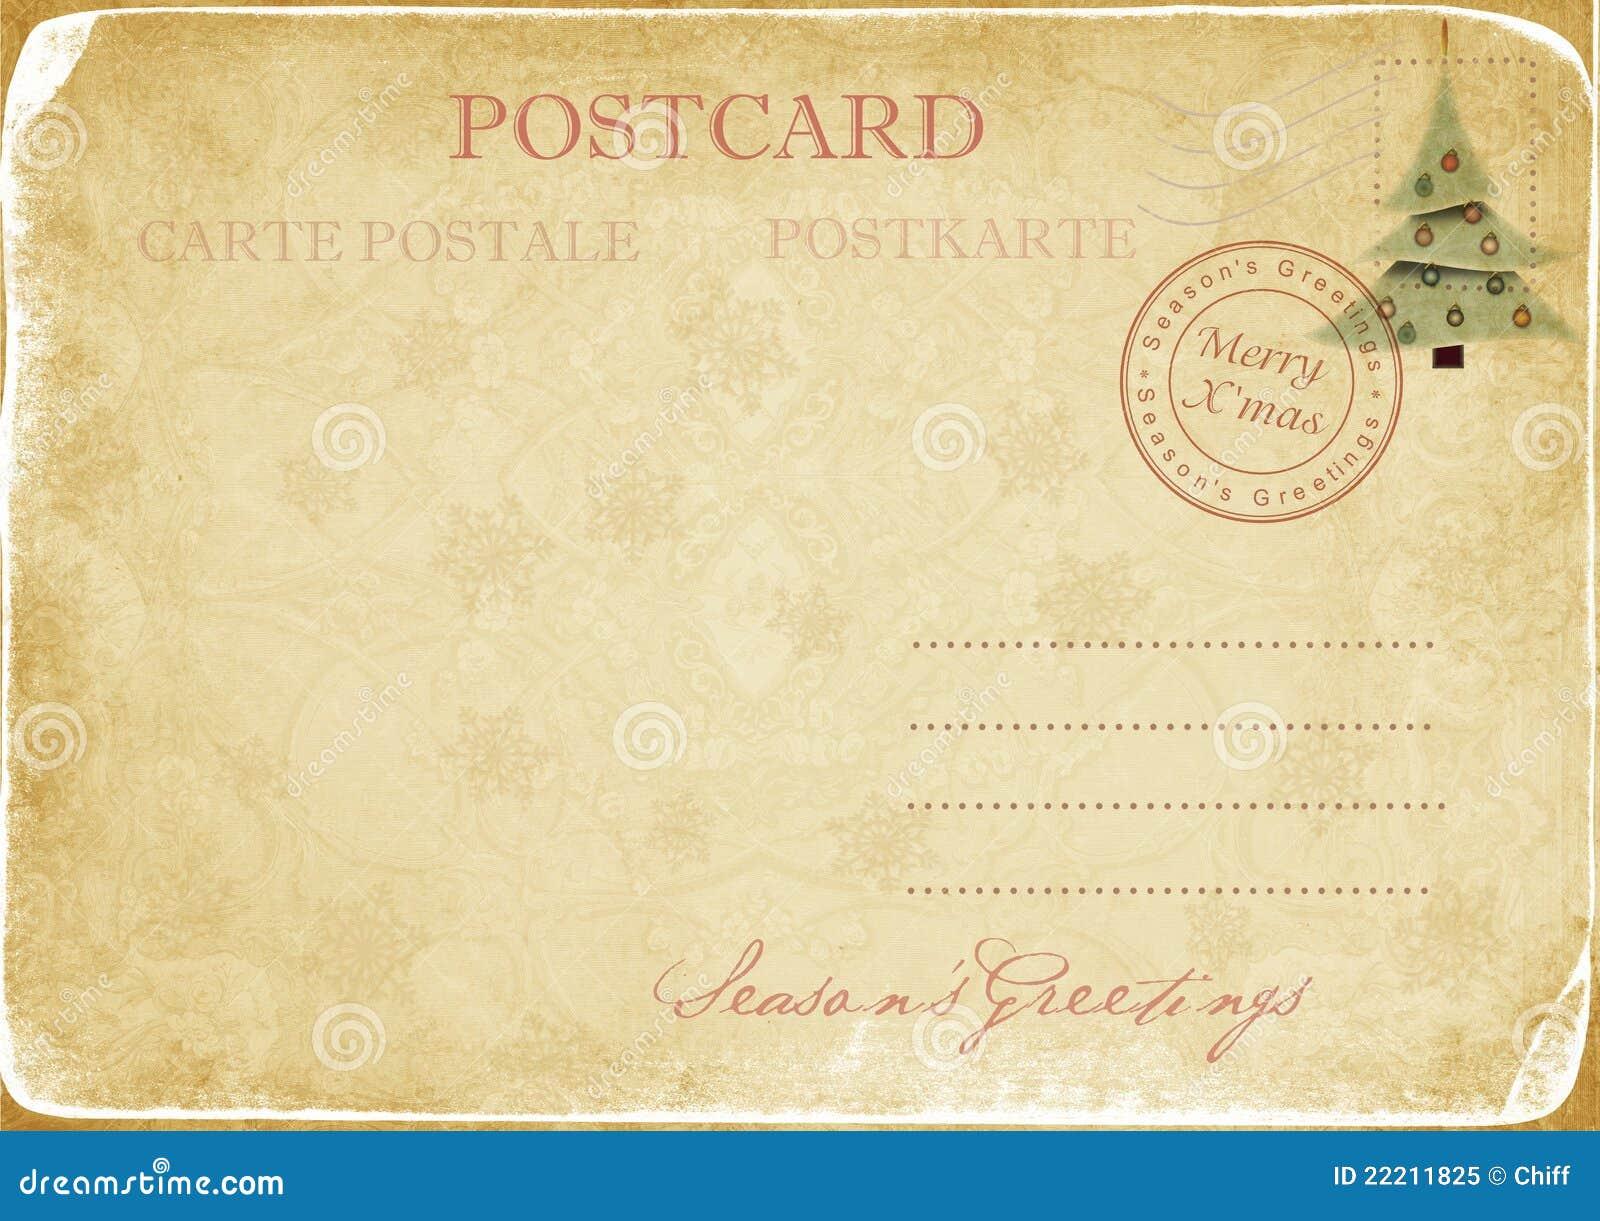 Free Vintage Postcard Images 78